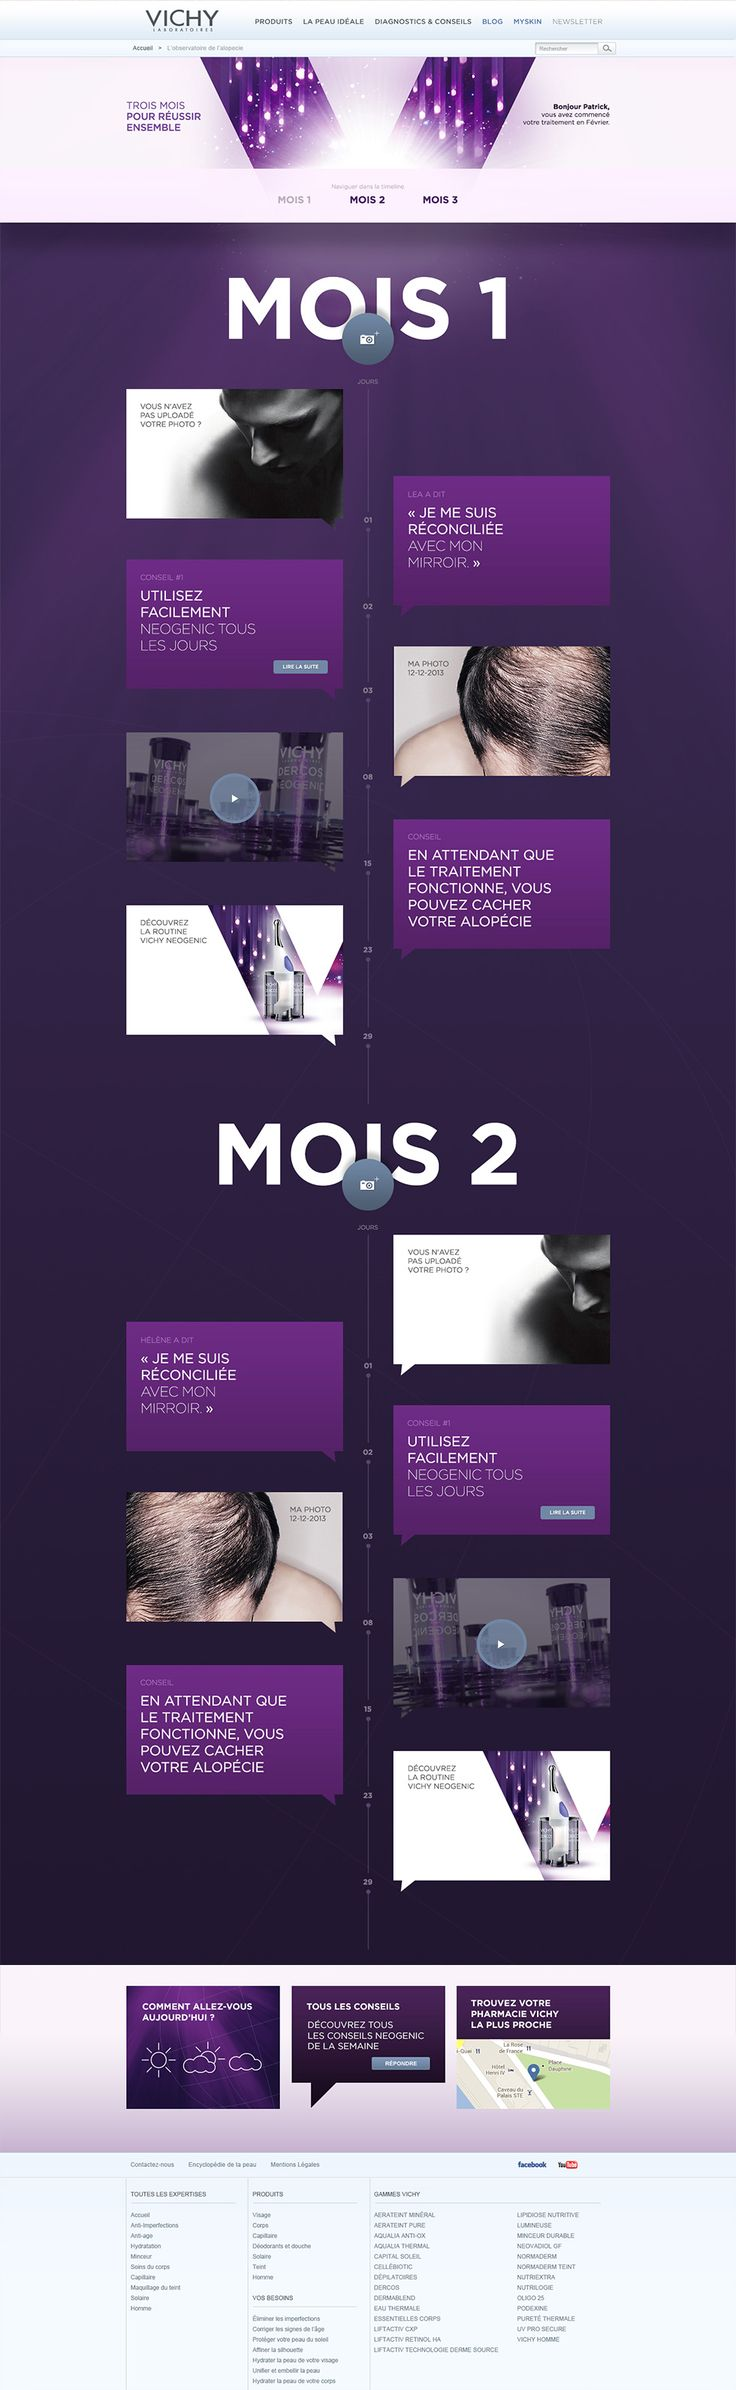 Unique Web Design, Vichy Laboratoires via @projim0524 #WebDesign #Design  Webdesign présentations   Pinterest